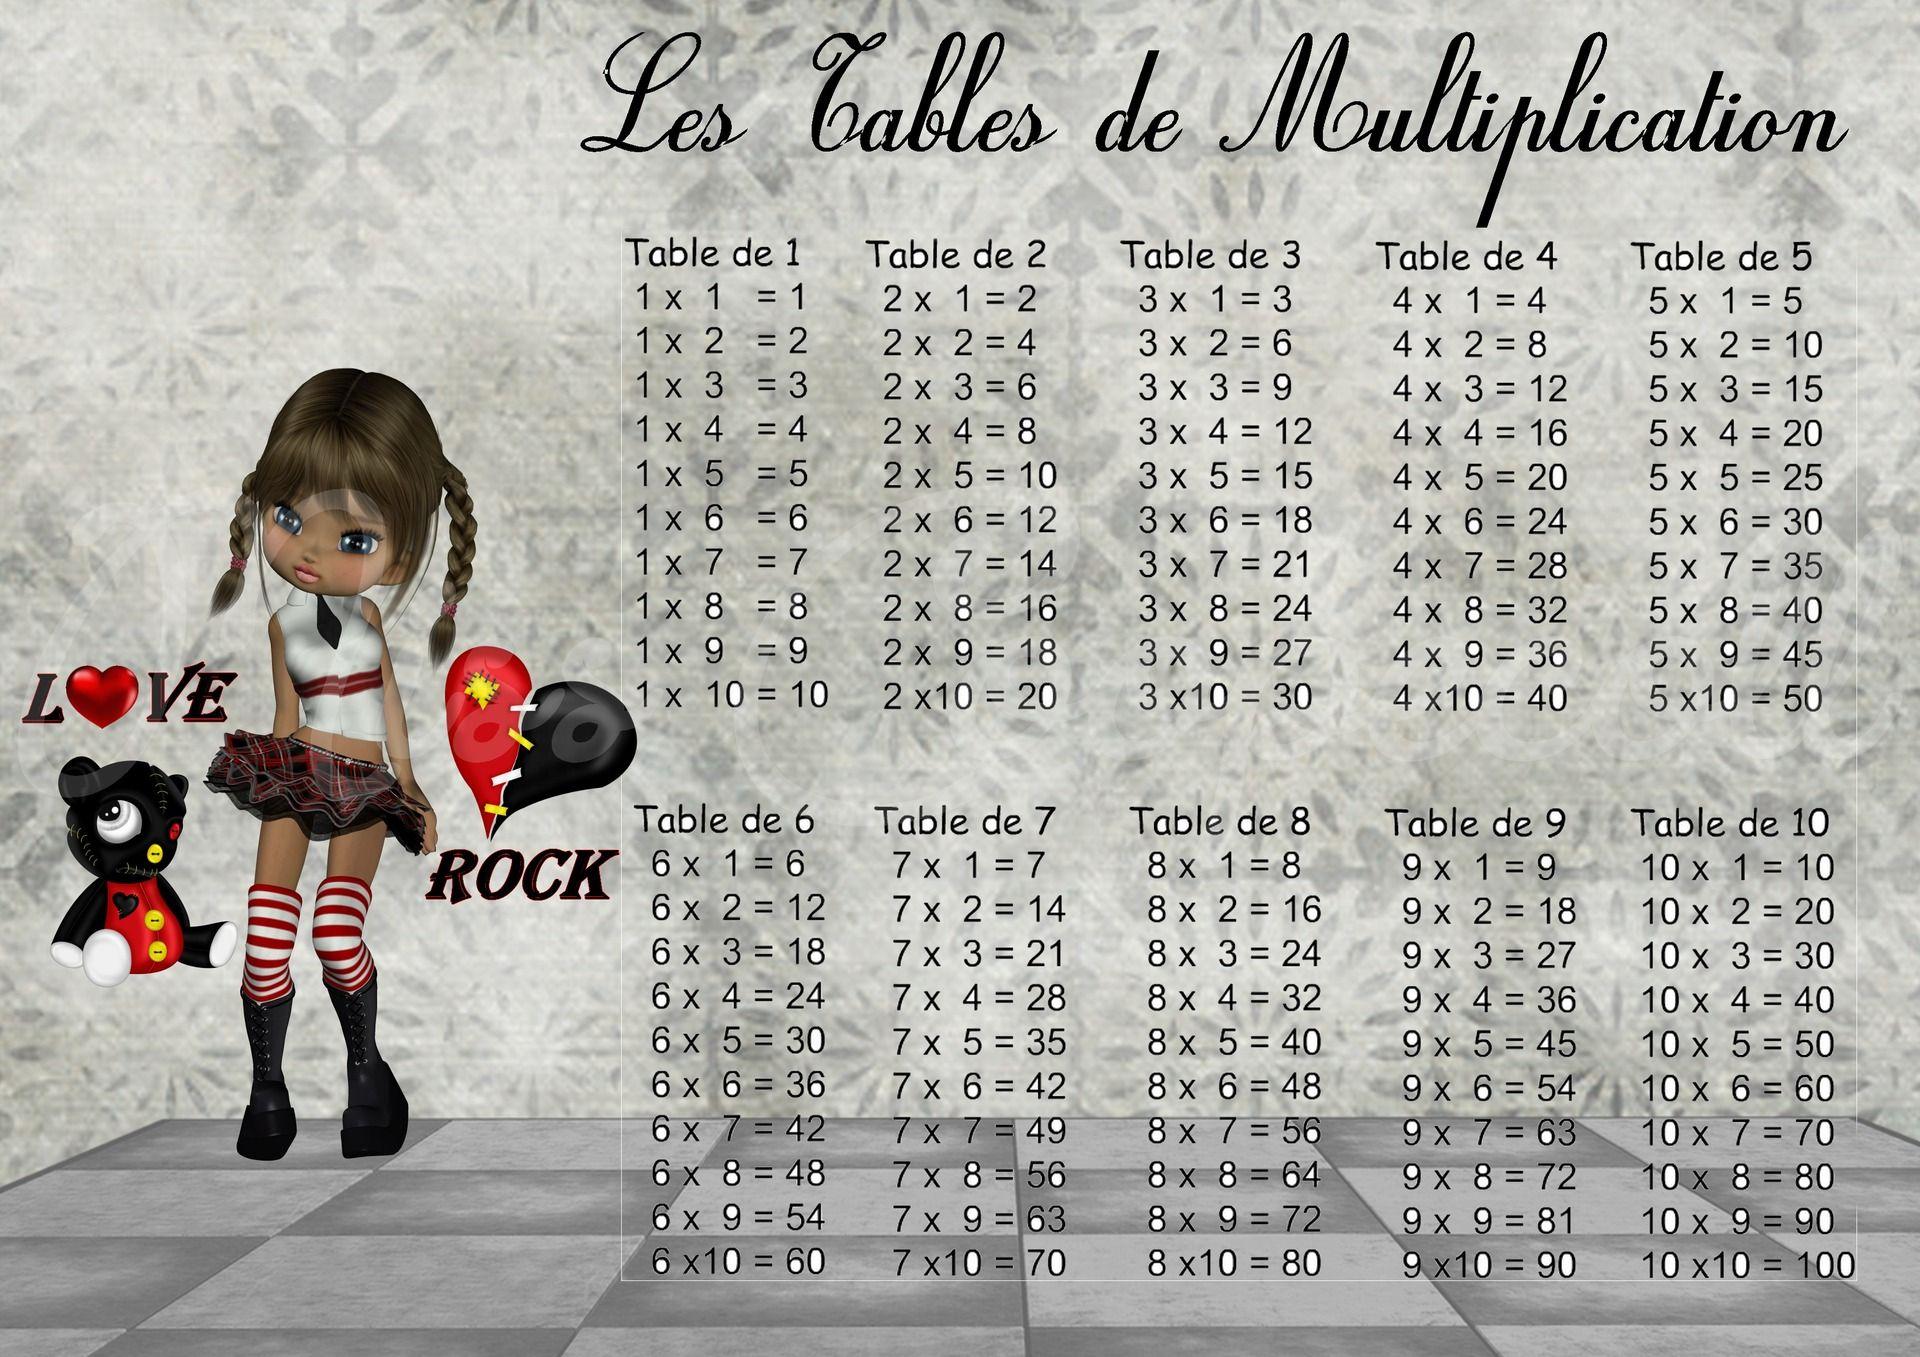 Table de multiplication plastifi e format a4 miss hard - Les table de multiplication de 1 a 100 ...